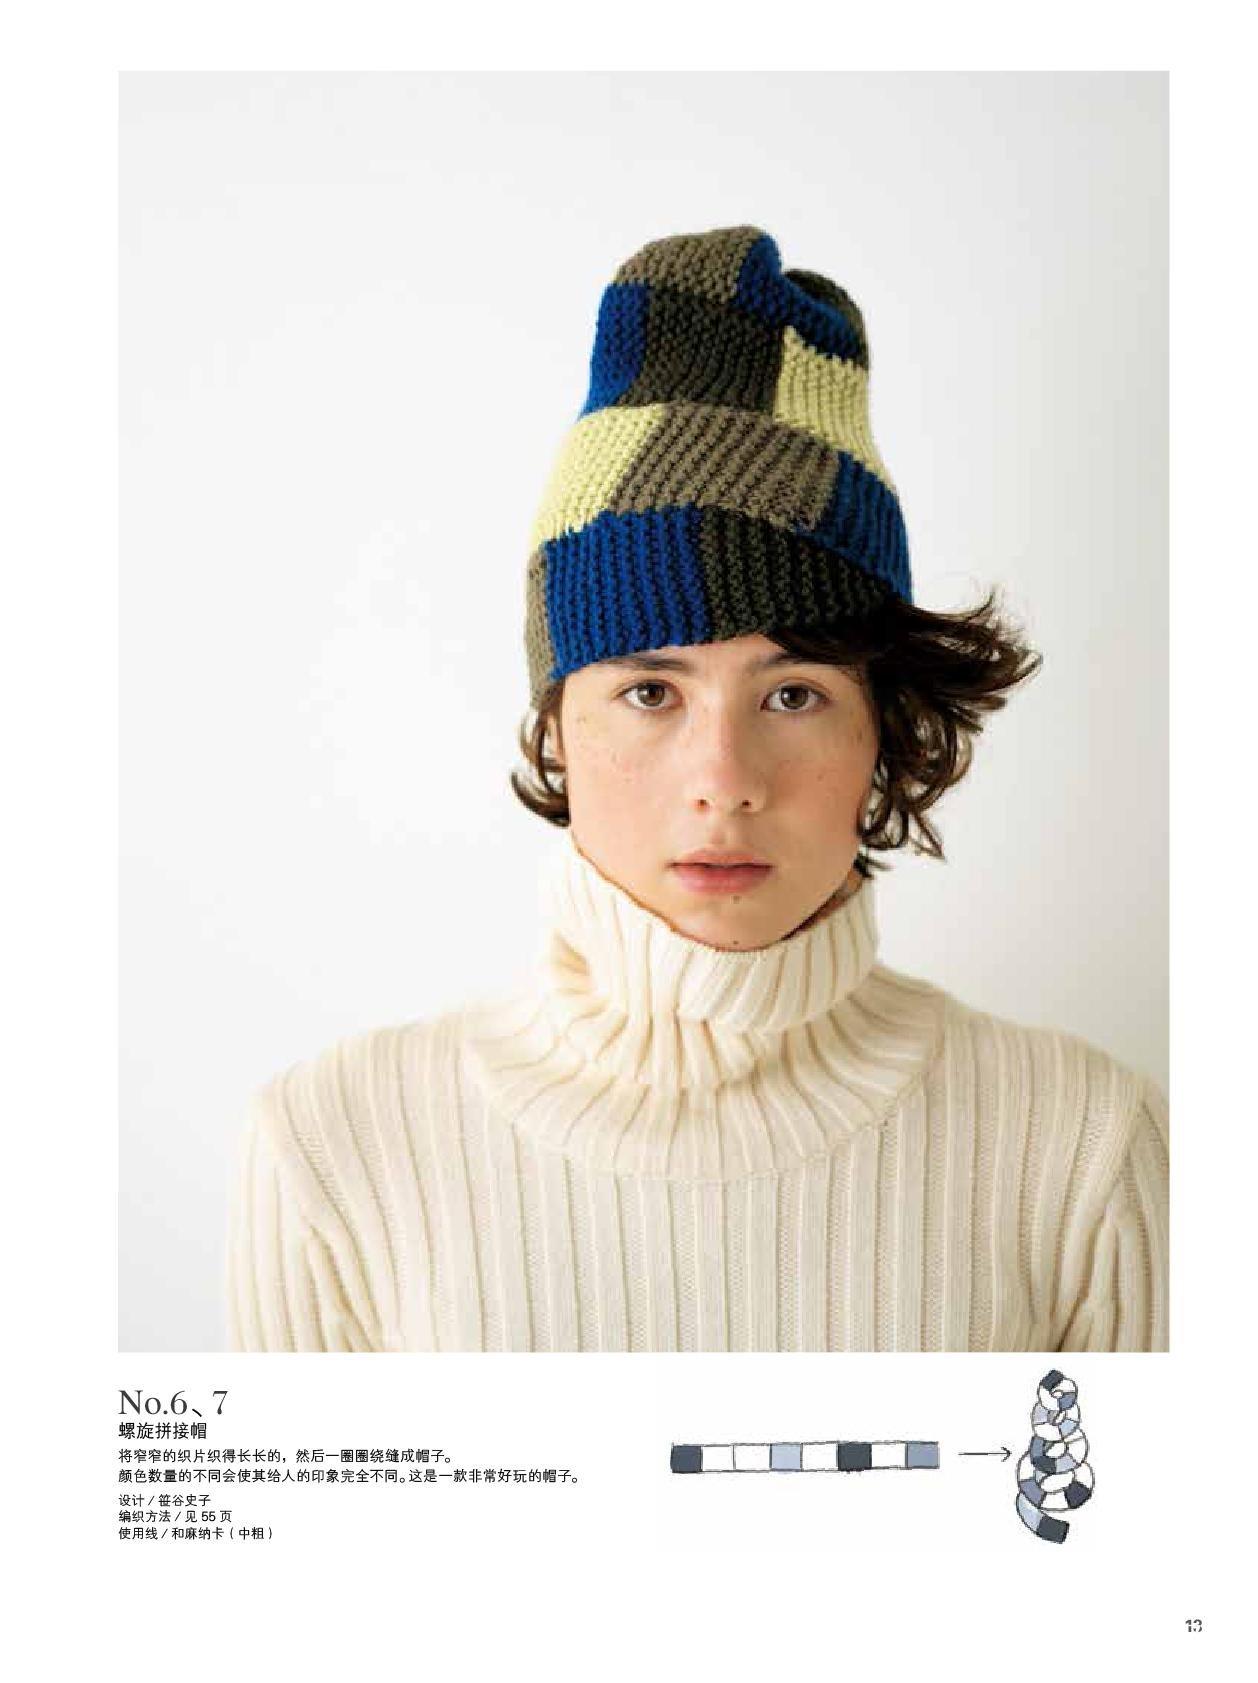 下针编织的帽子和围巾内文-14.jpg